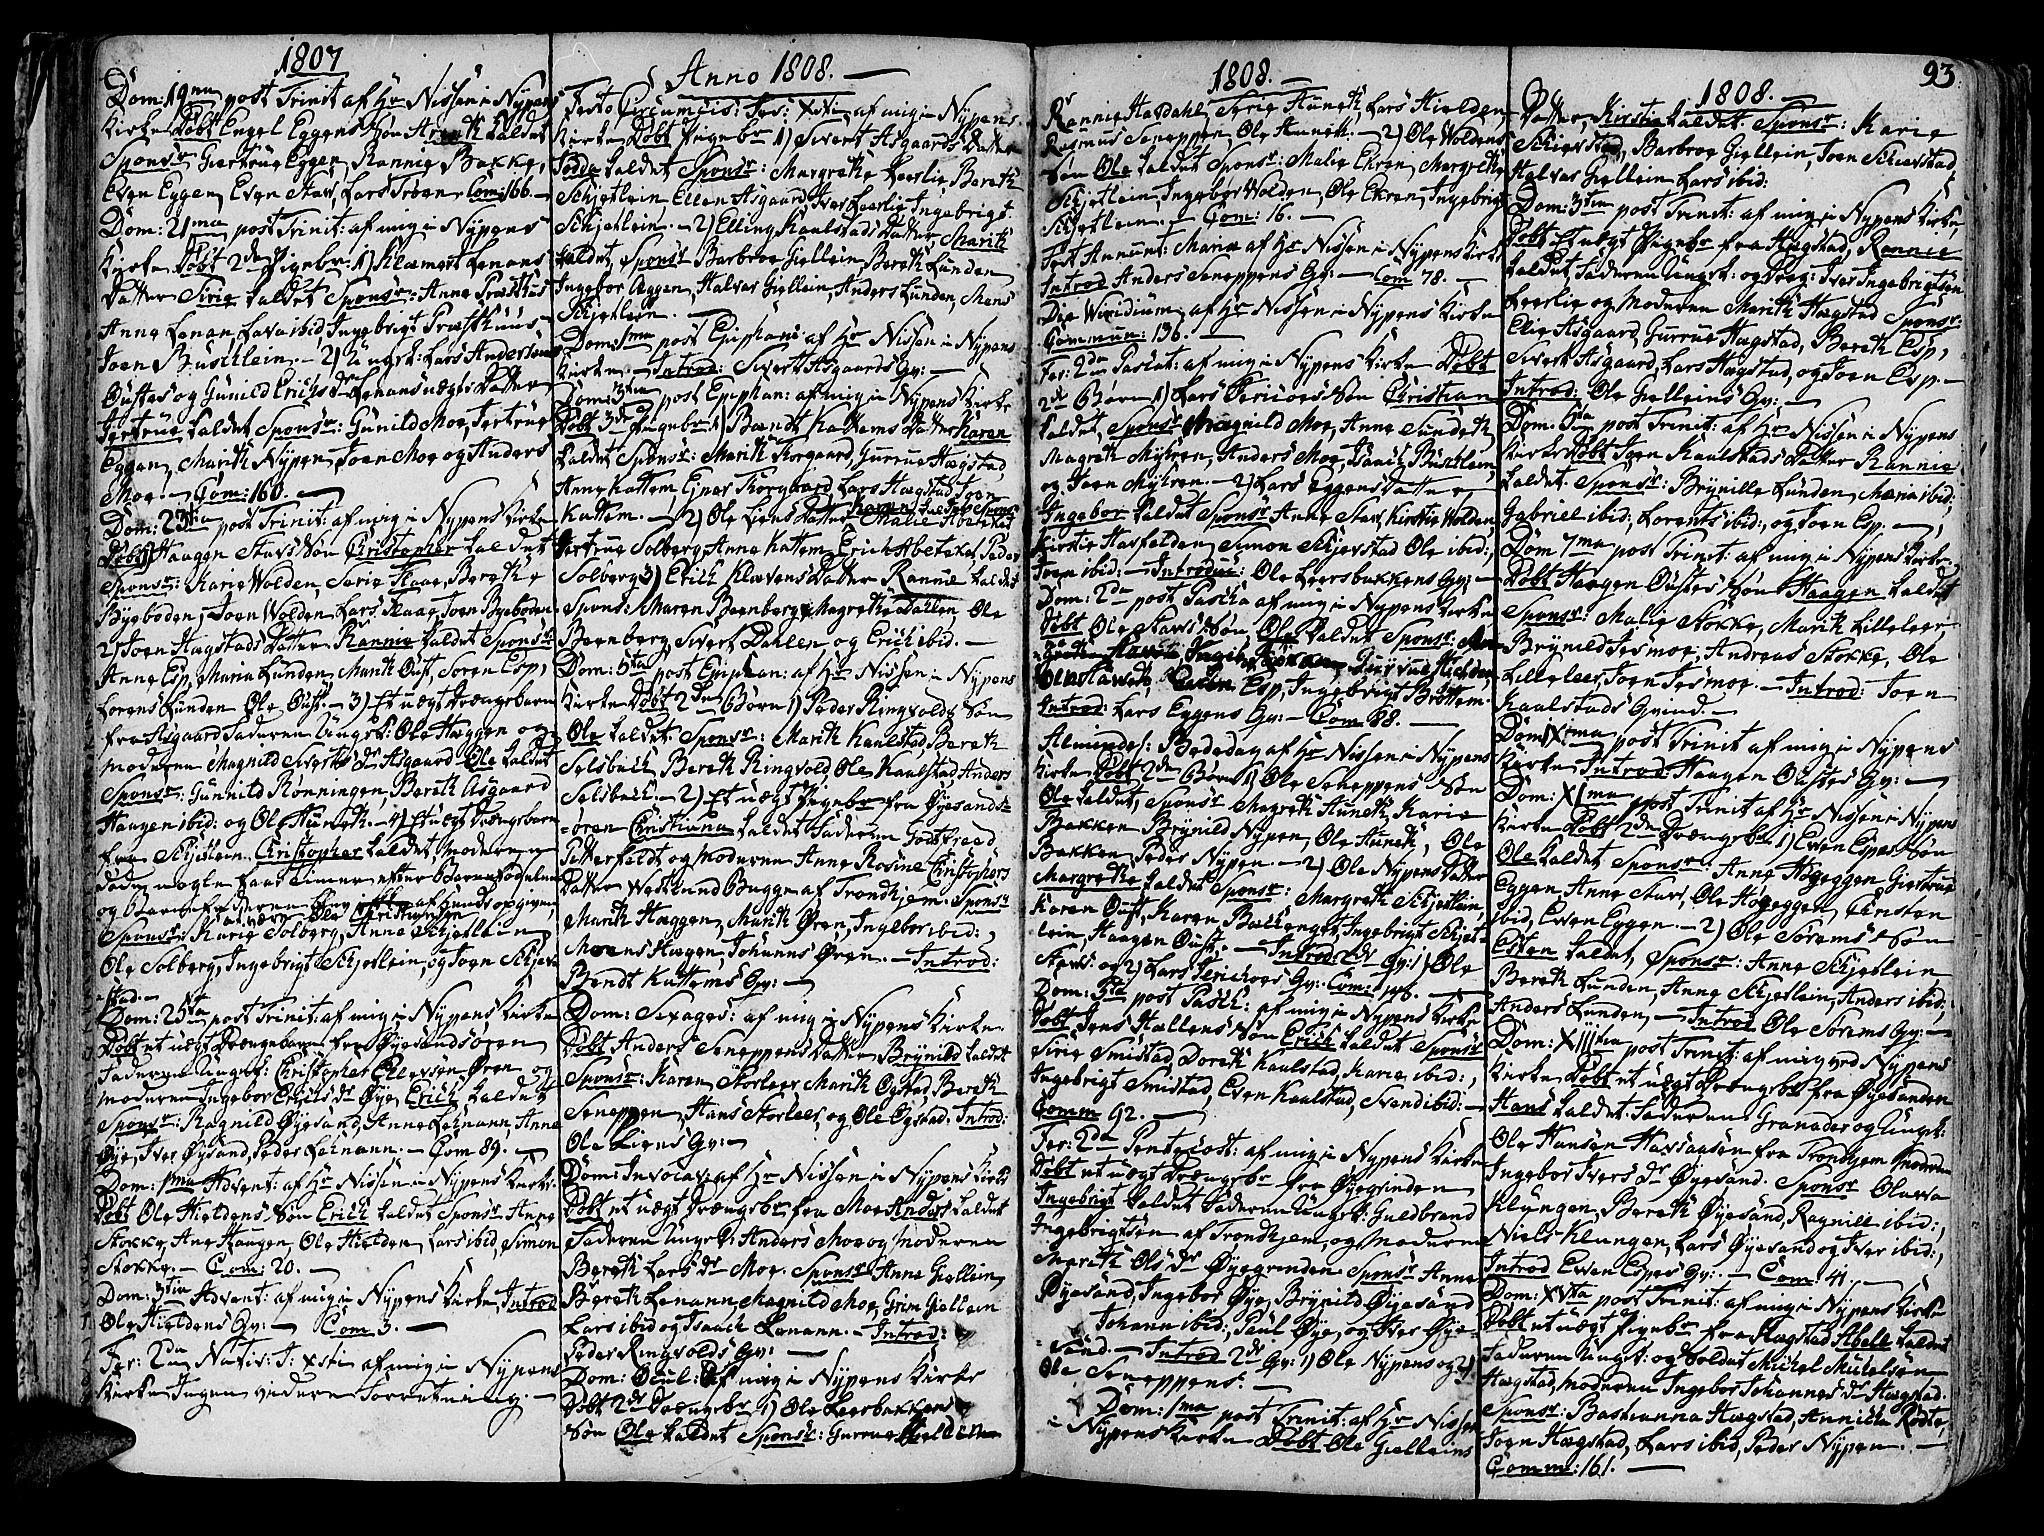 SAT, Ministerialprotokoller, klokkerbøker og fødselsregistre - Sør-Trøndelag, 691/L1063: Ministerialbok nr. 691A02 /3, 1768-1815, s. 93